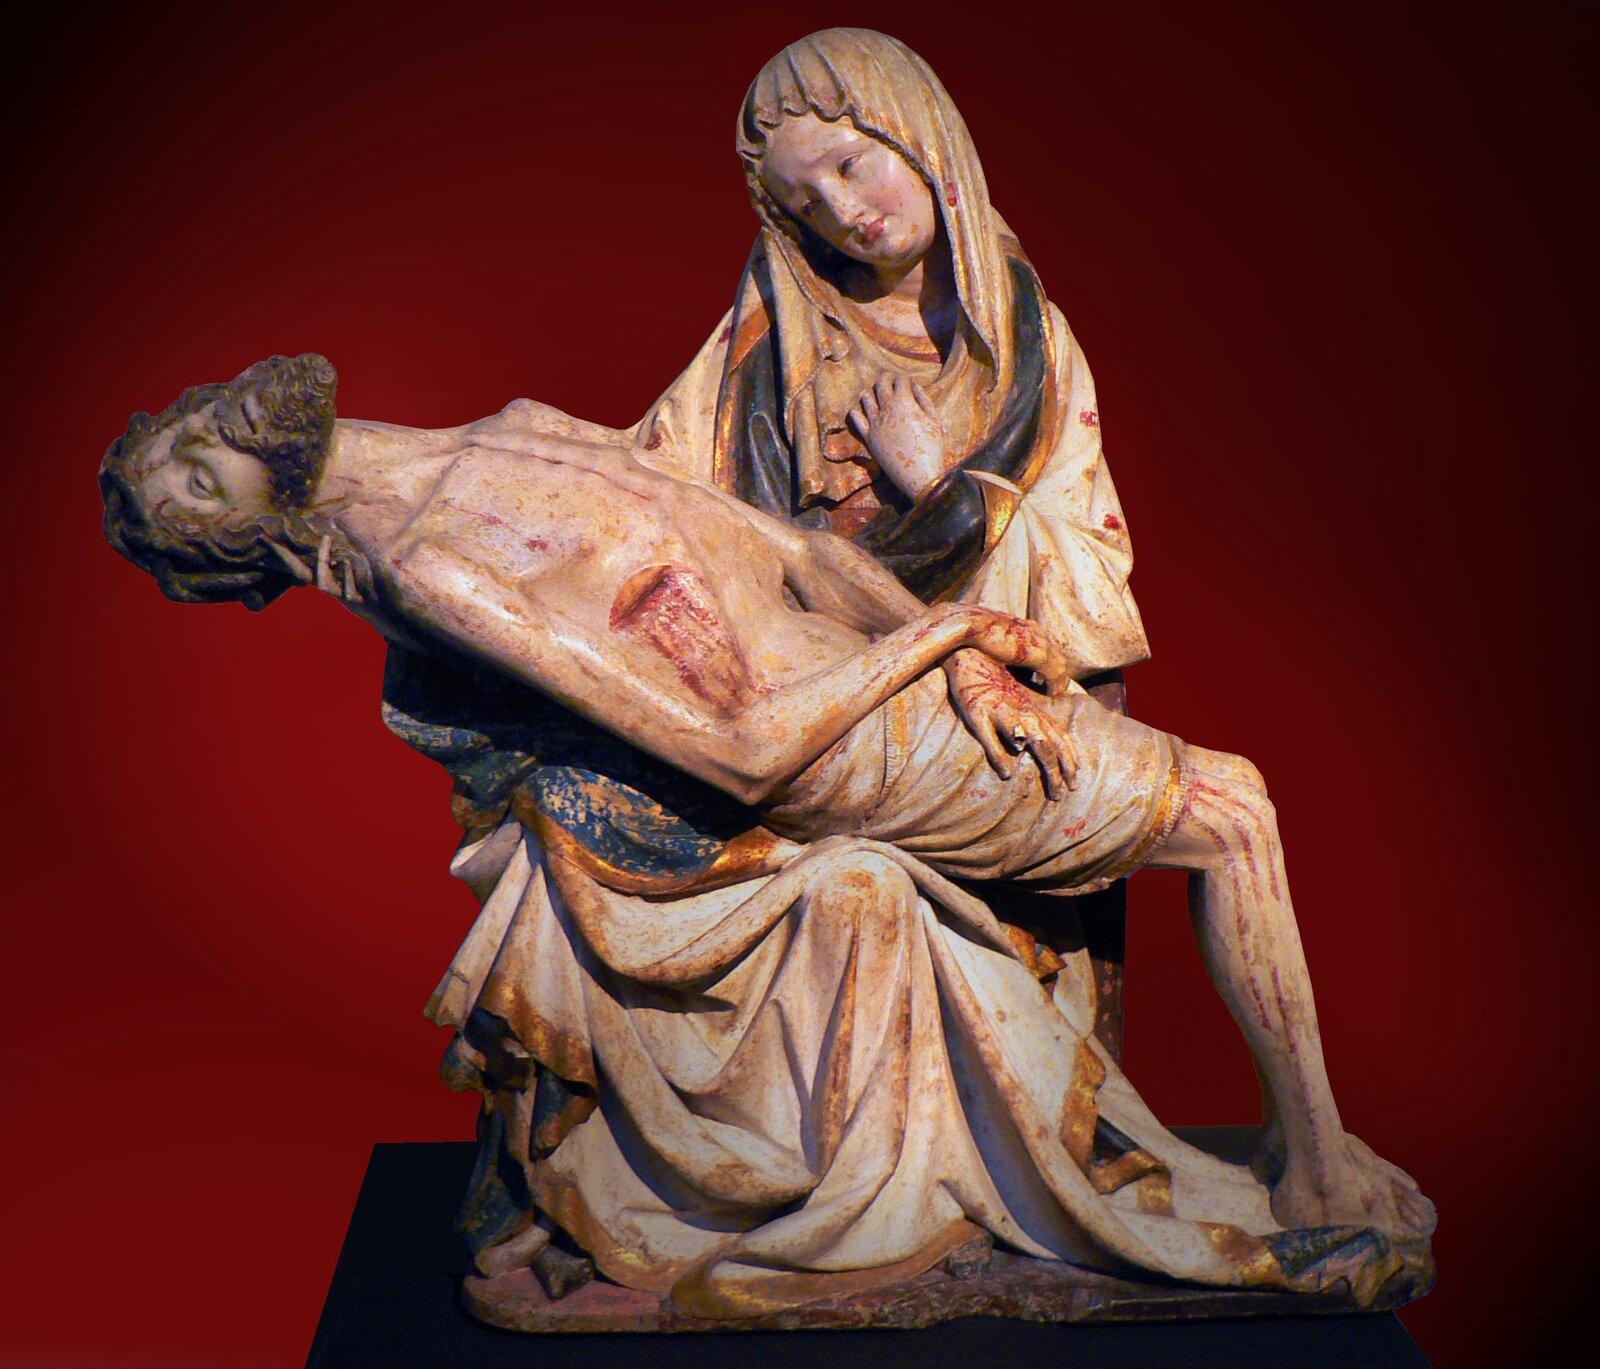 Pietà wykonana wCzechach, między 1390-1400 r., tak zwana Křivákova Pietà Źródło: Martin Vavřík, Pietà wykonana wCzechach, między 1390-1400 r., tak zwana Křivákova Pietà, domena publiczna.